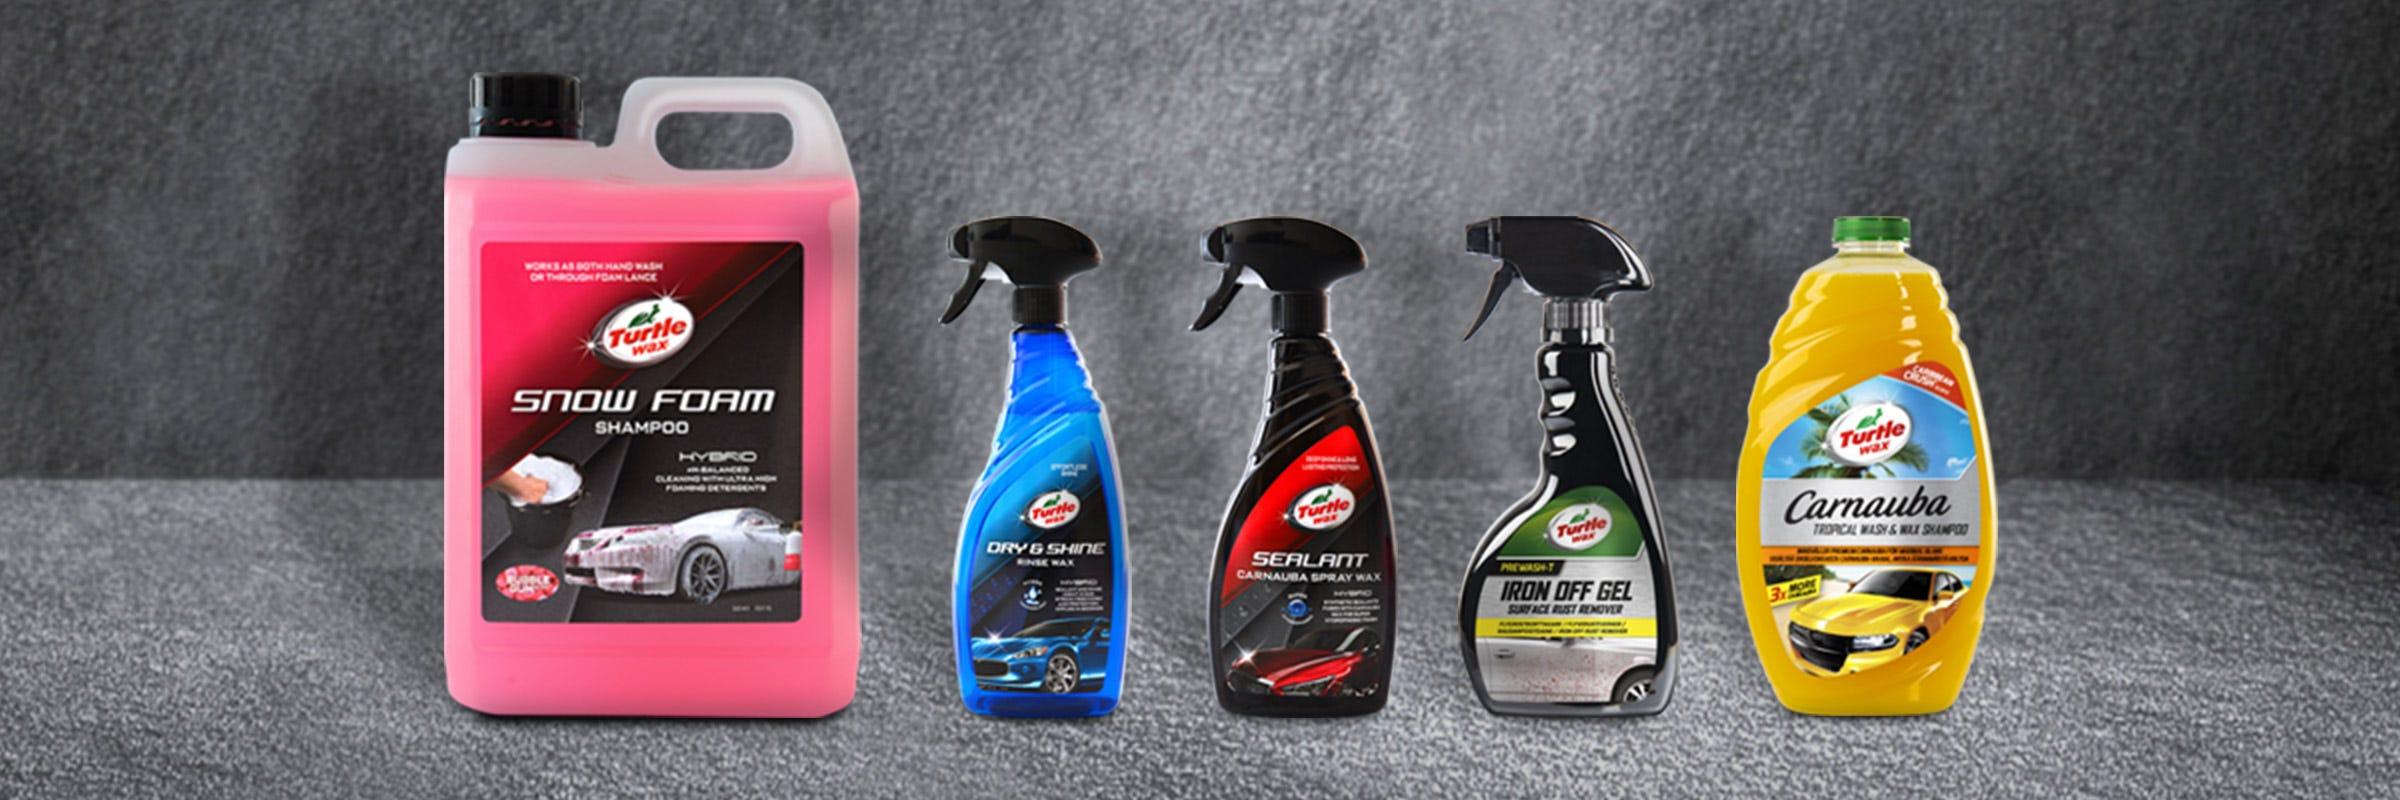 Kampanj på produkter från Turtle Wax